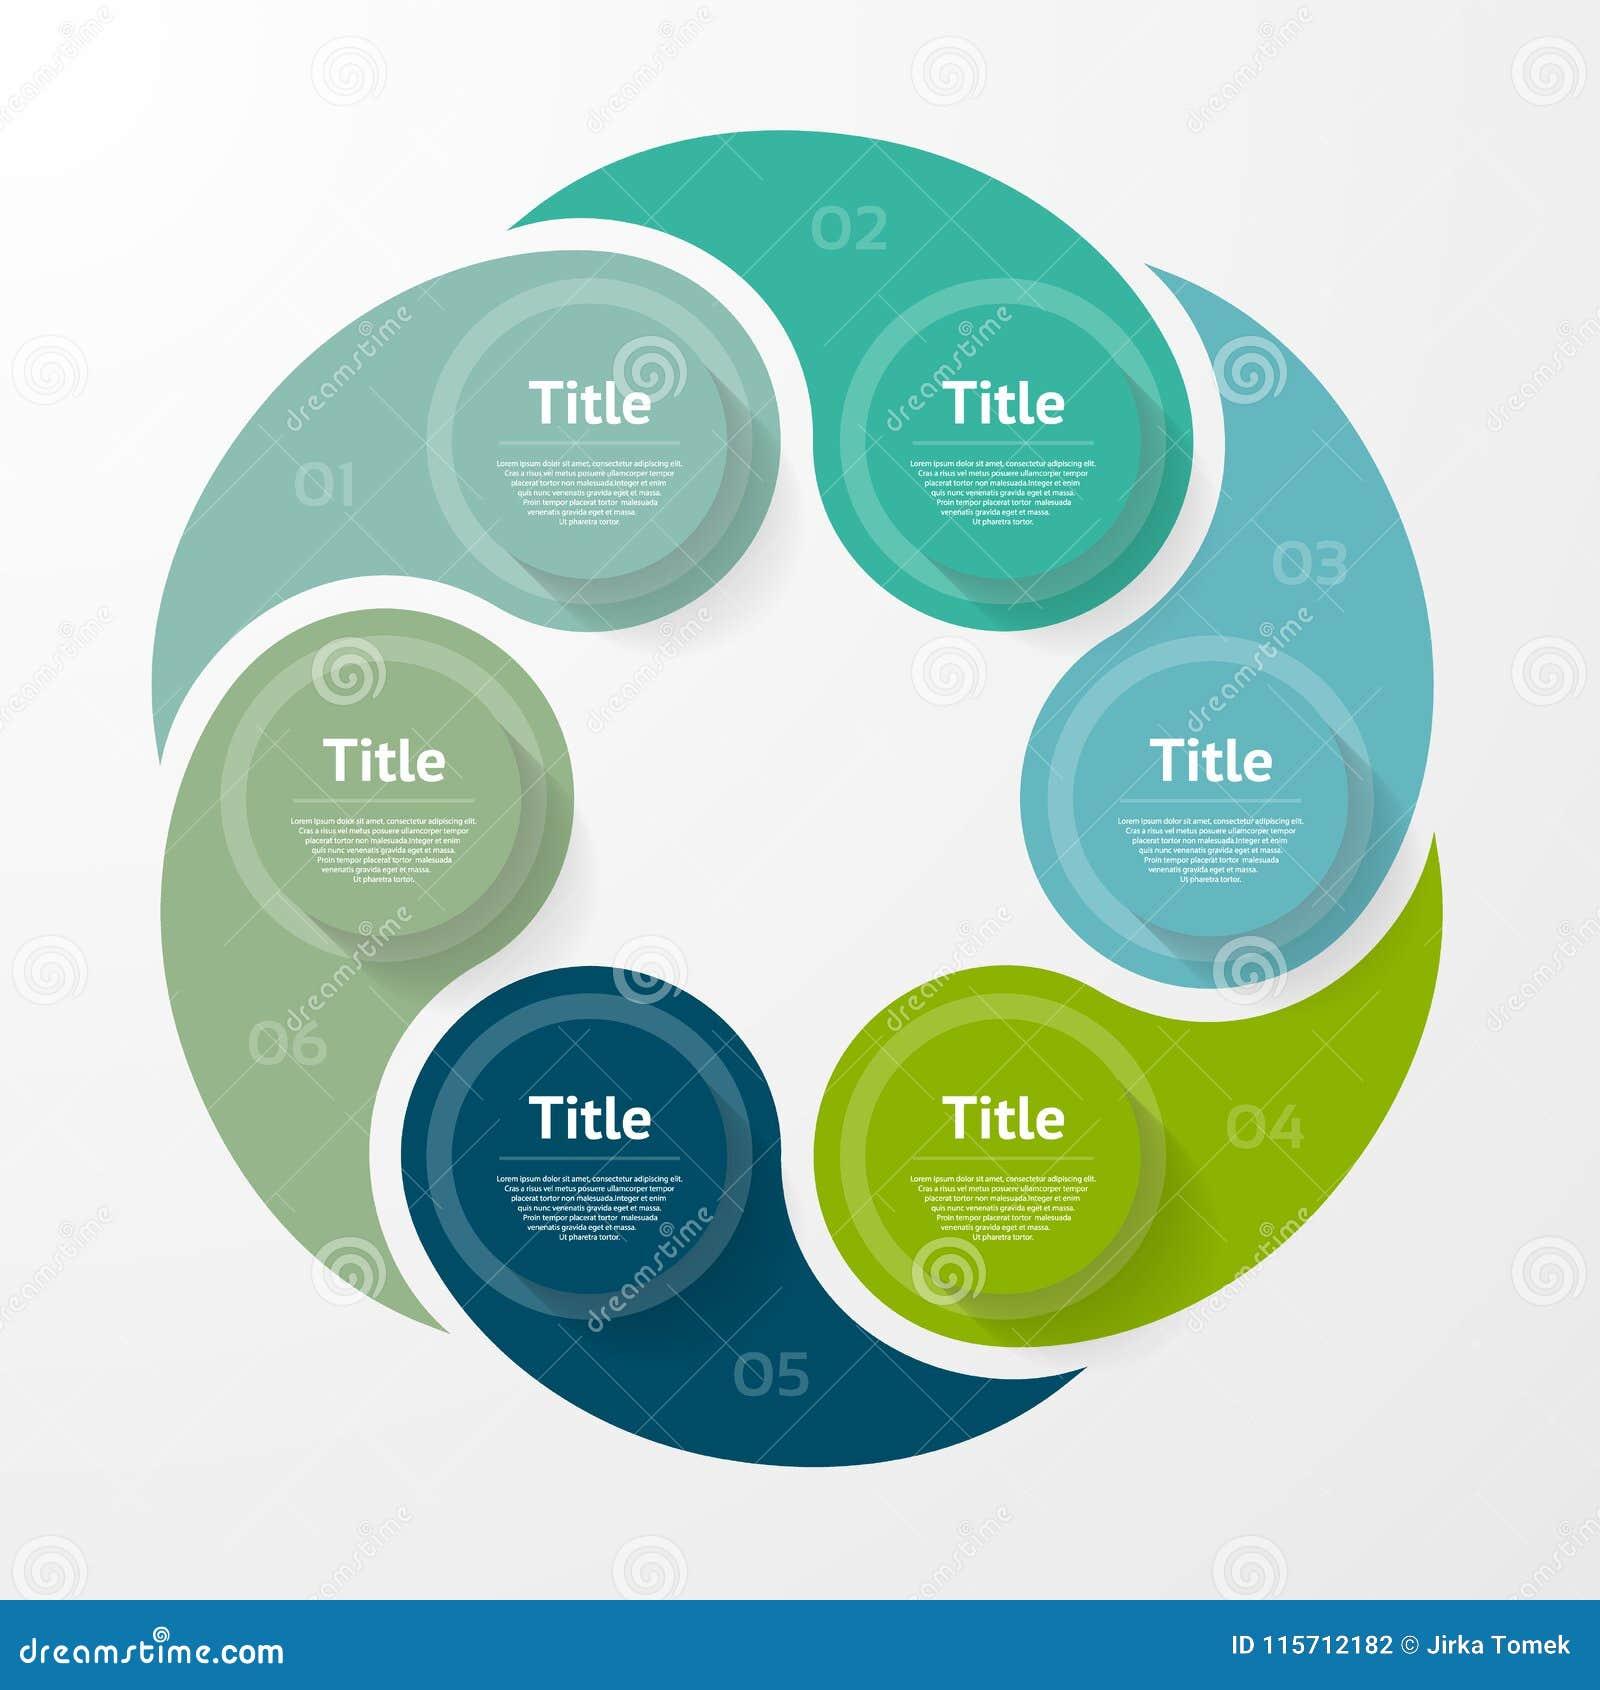 Vector infographic Schablone für Diagramm, Diagramm, Darstellung und Diagramm Geschäftskonzept mit 6 Wahlen, Teile, Schritte